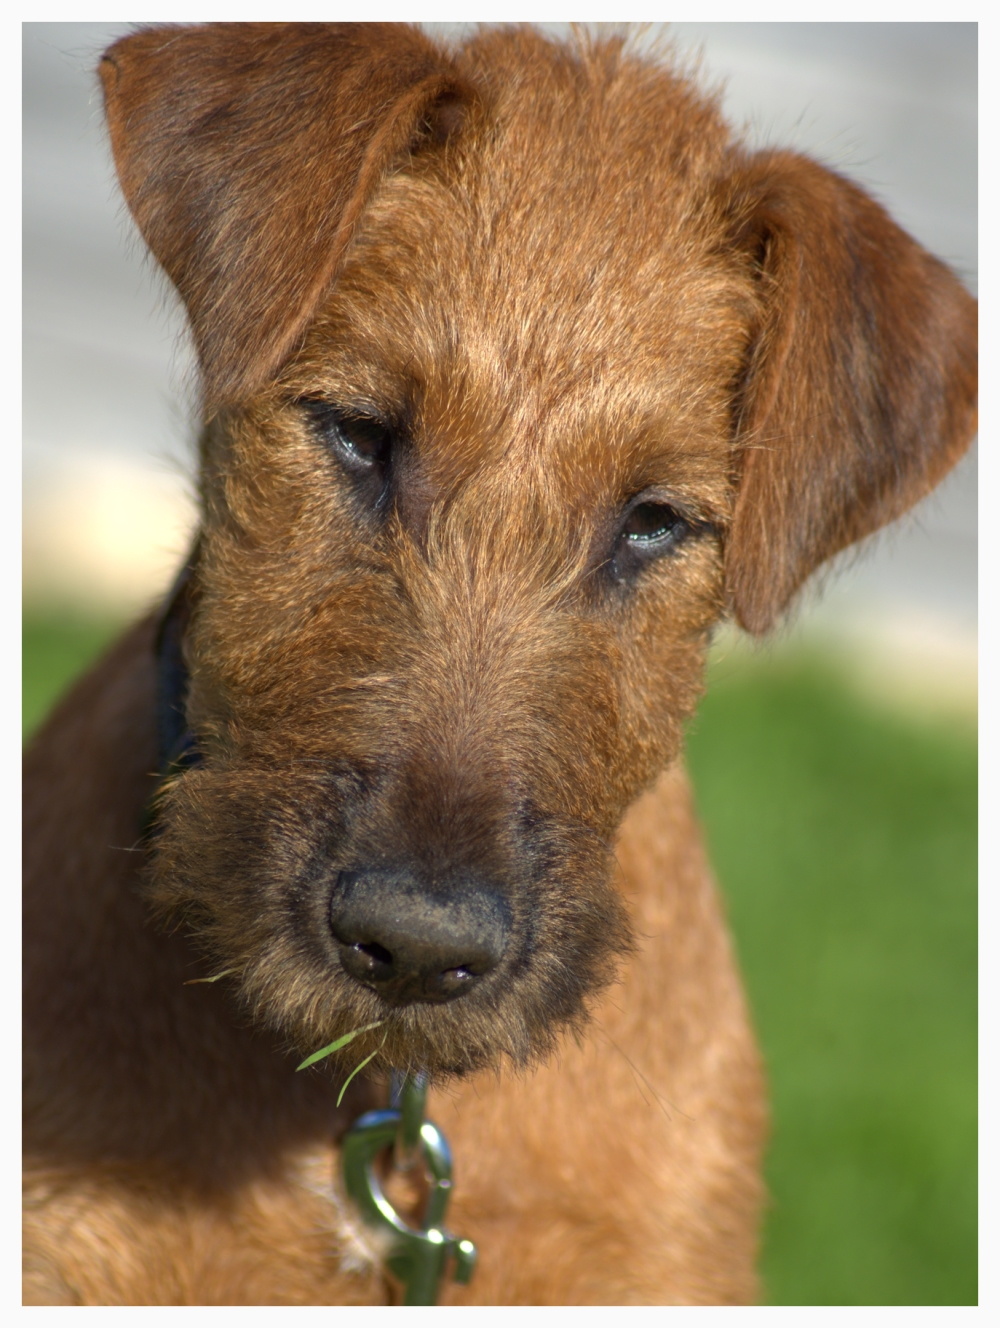 Portrait of Irish Terrier puppy